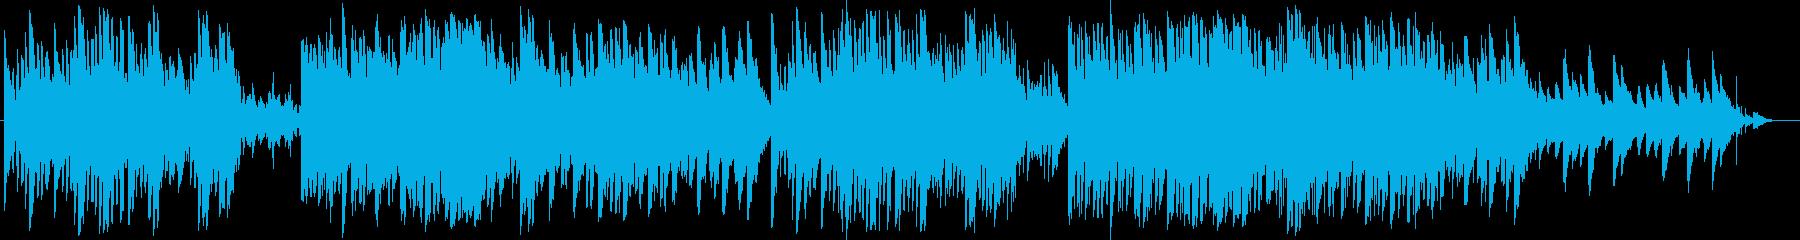 明るくキラキラしたリラックスBGMの再生済みの波形